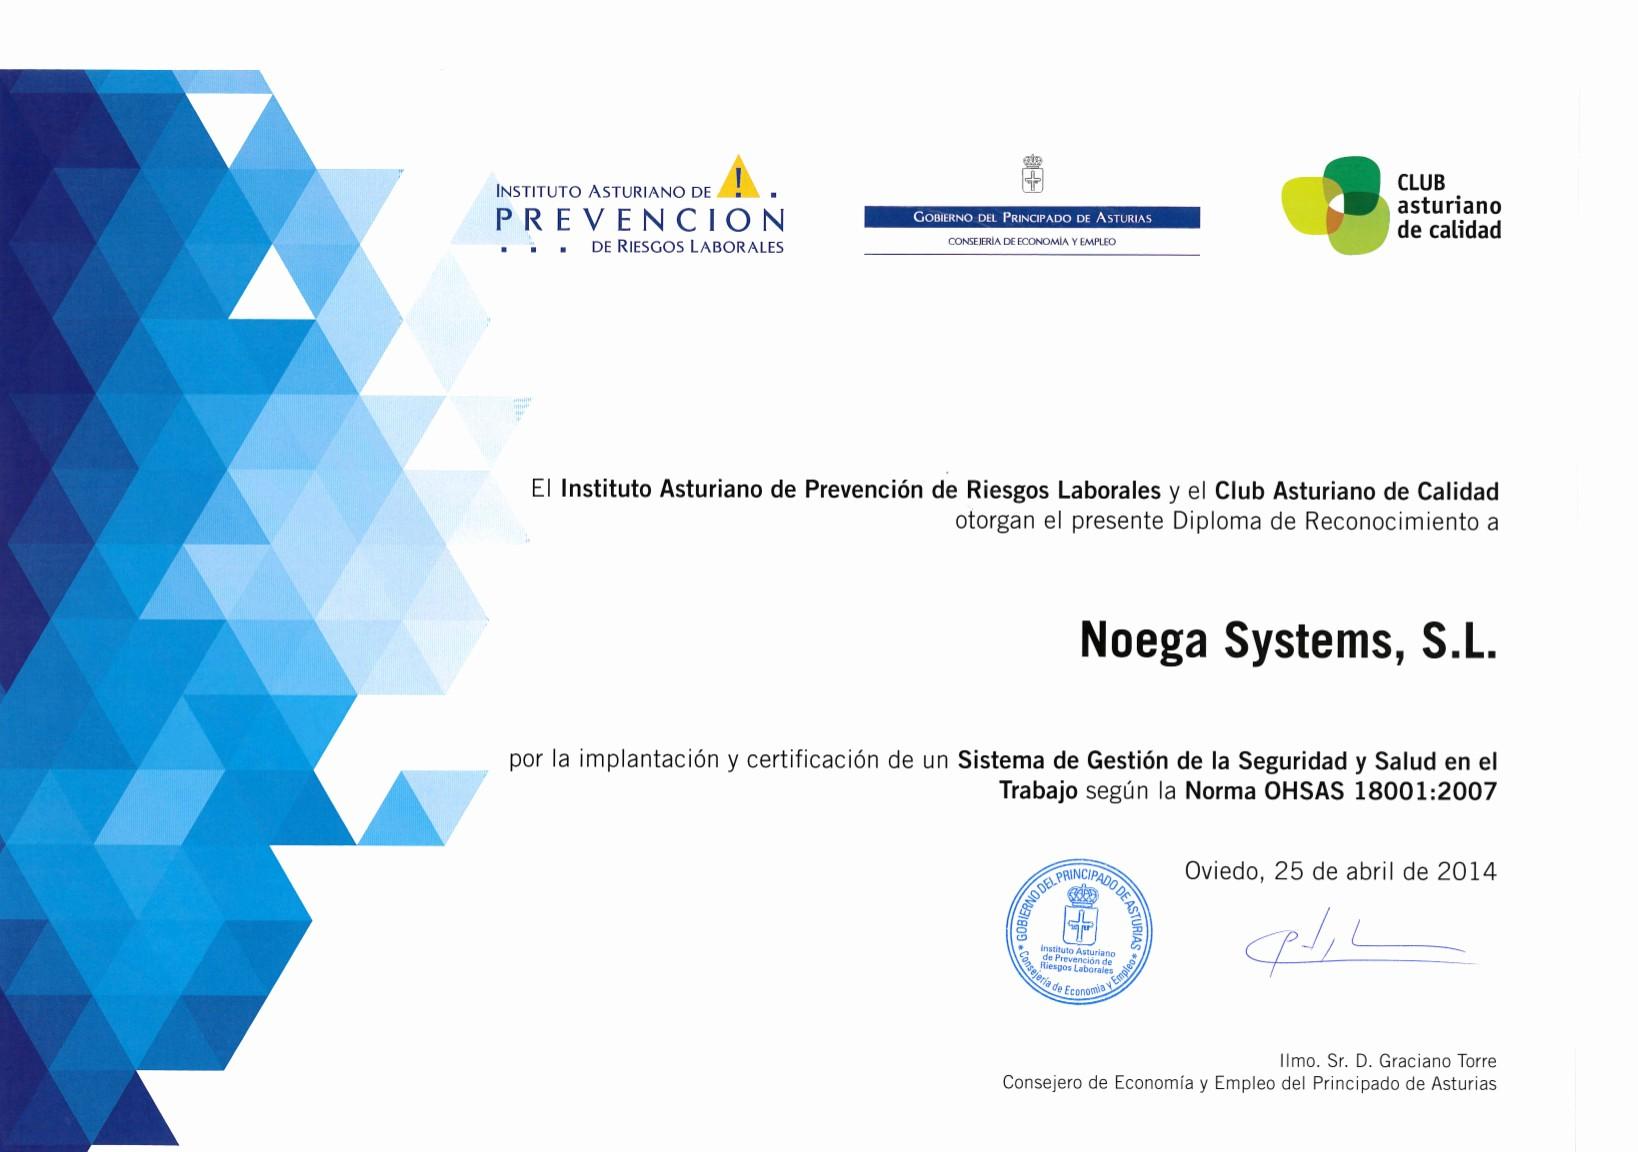 Modelos De Diplomas De Reconocimiento New Prevención Riesgos Laborales